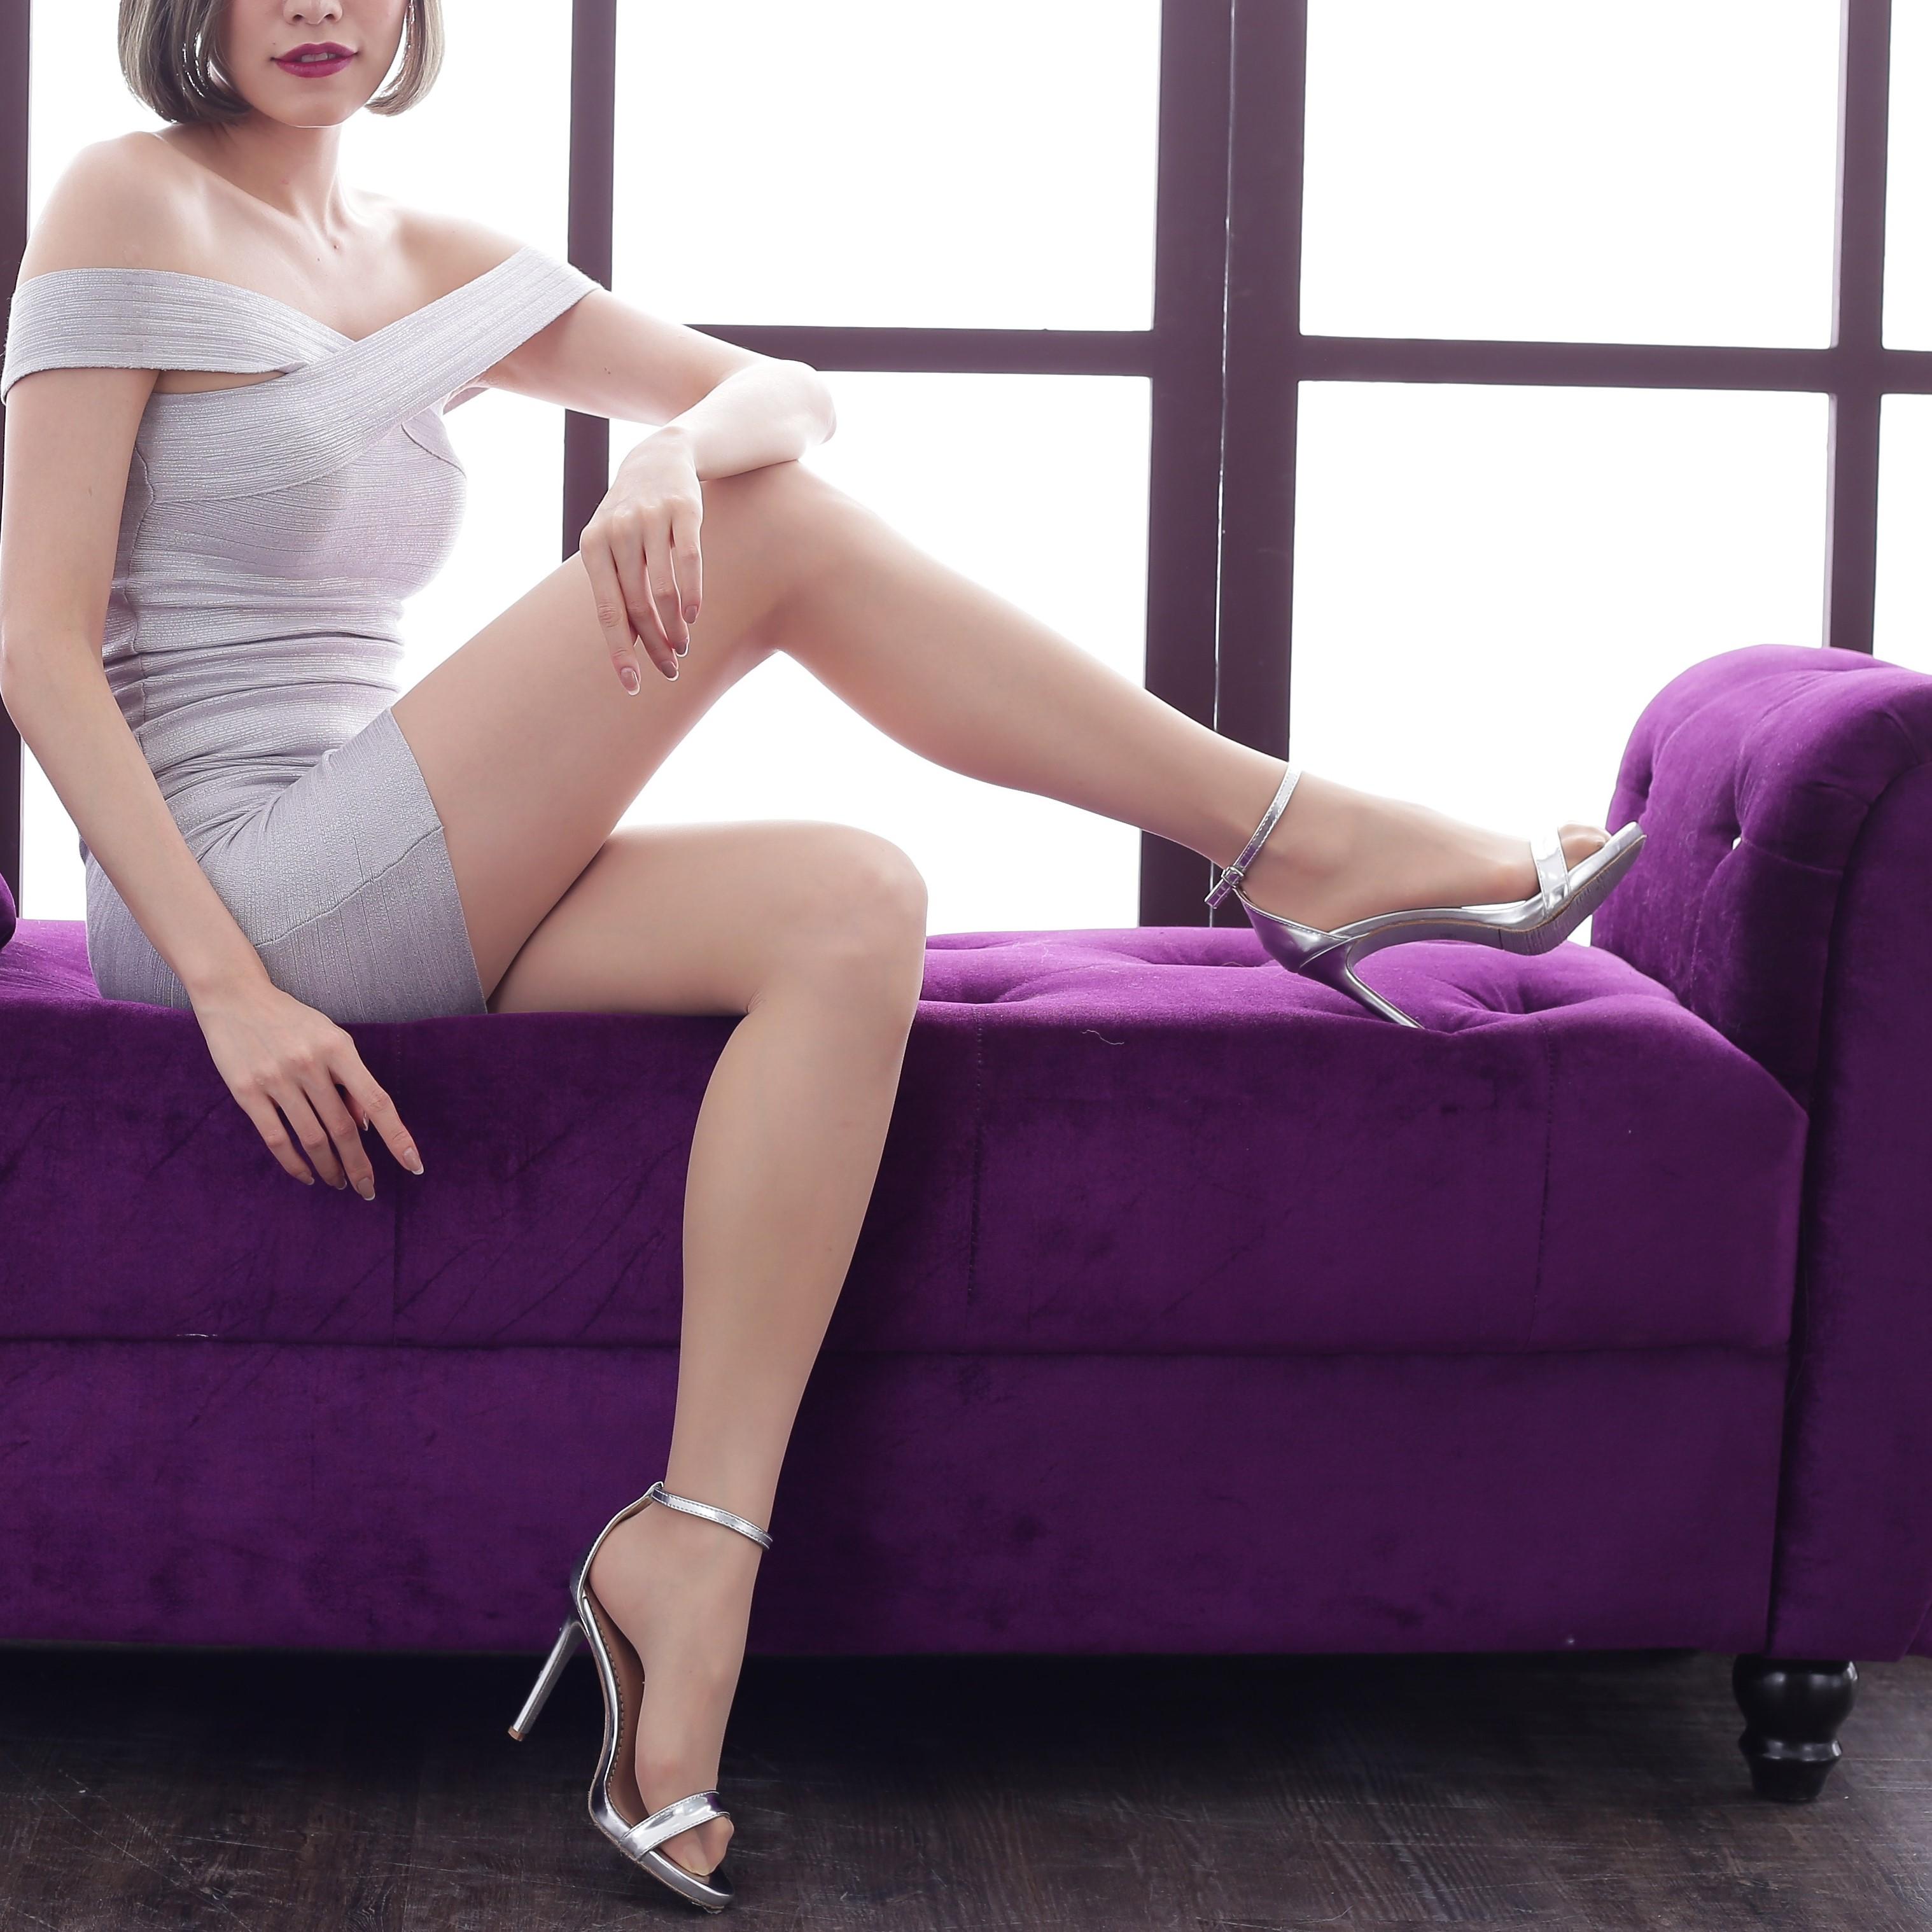 スレンダーな服を着た女性